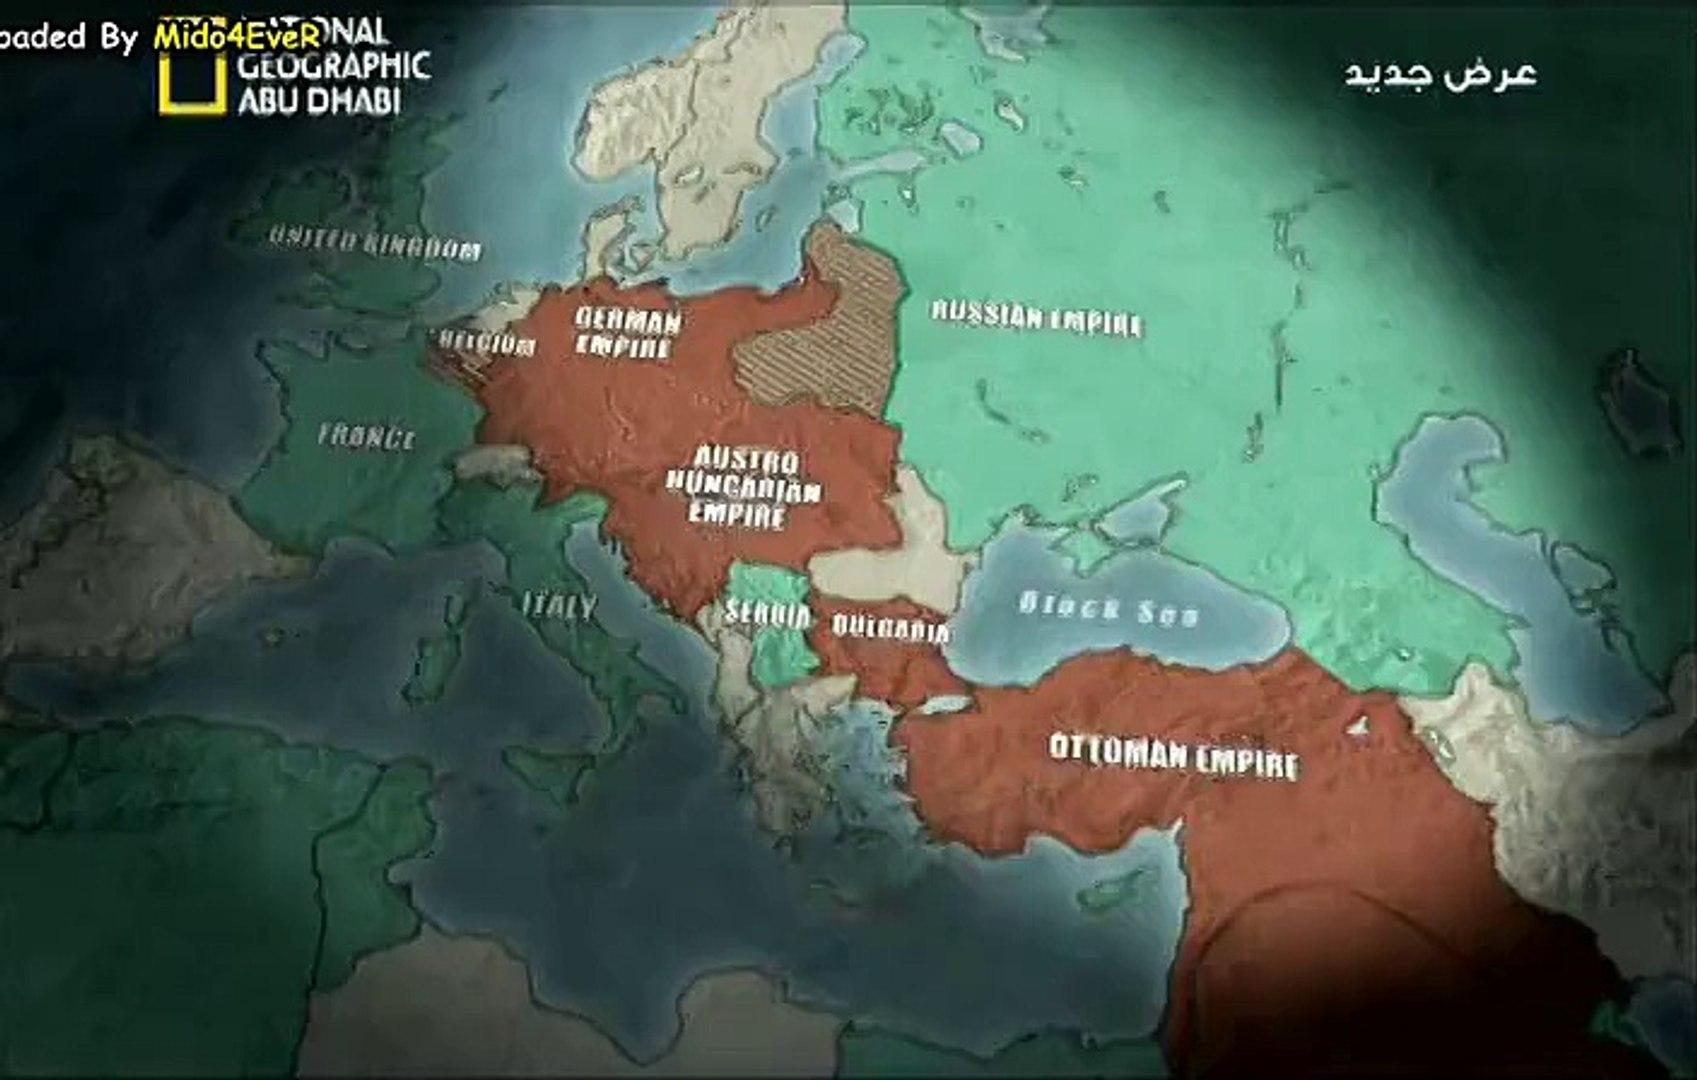 وثائقى أبُكاليبس الحرب العالمية الأولى الحلقة 3